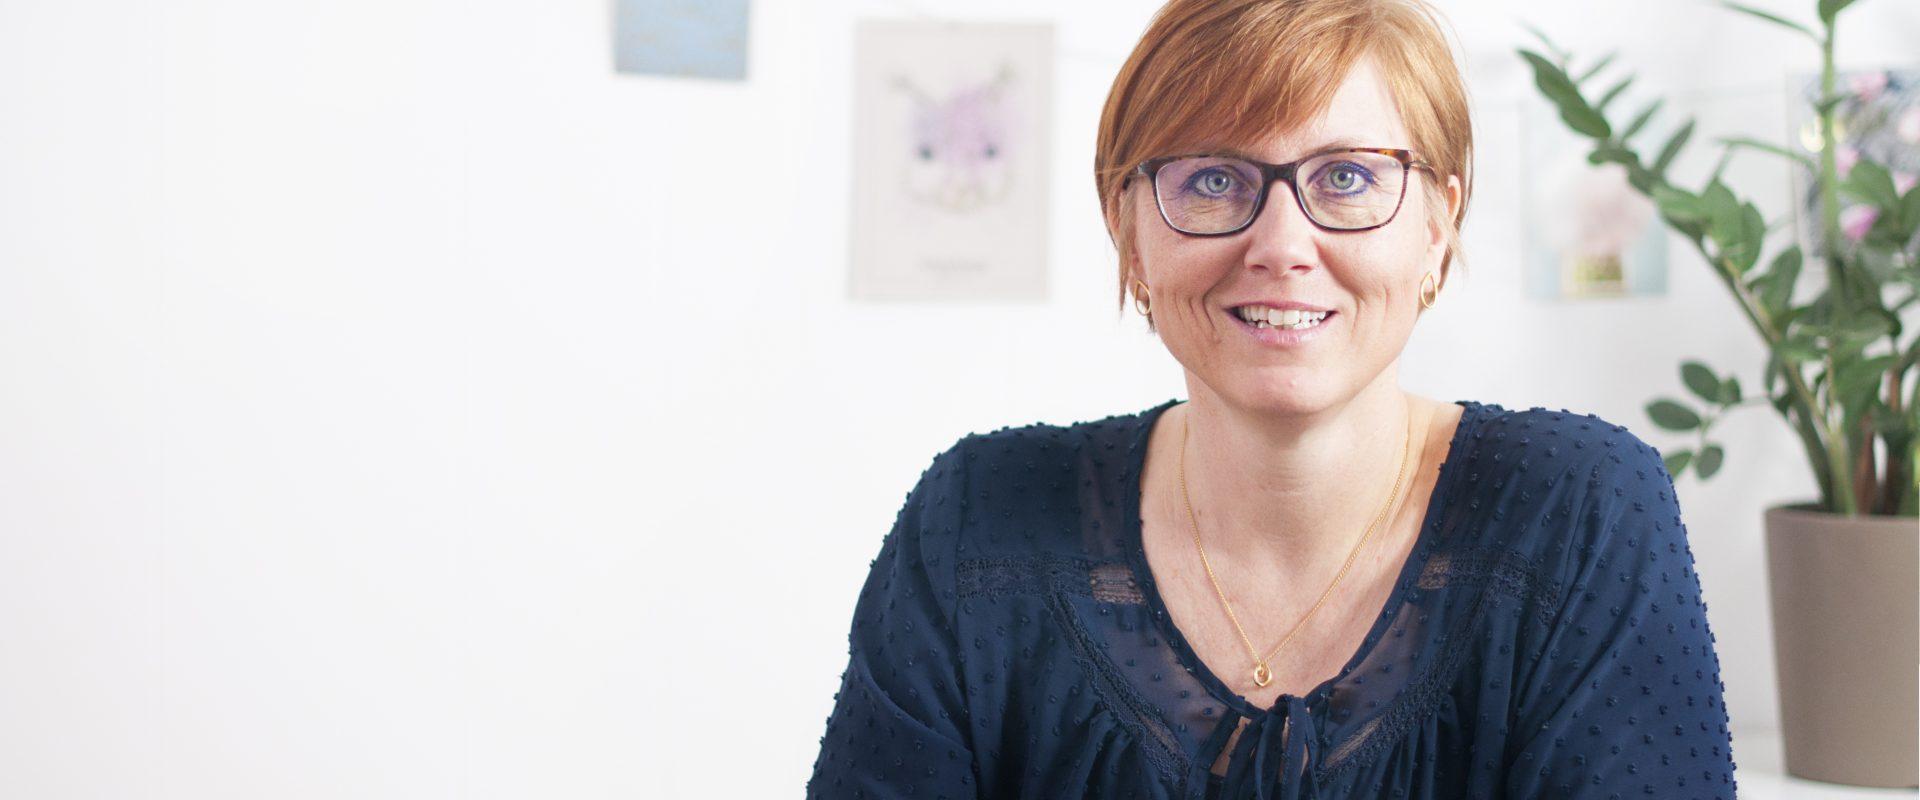 Karin Holt Hass Andersen